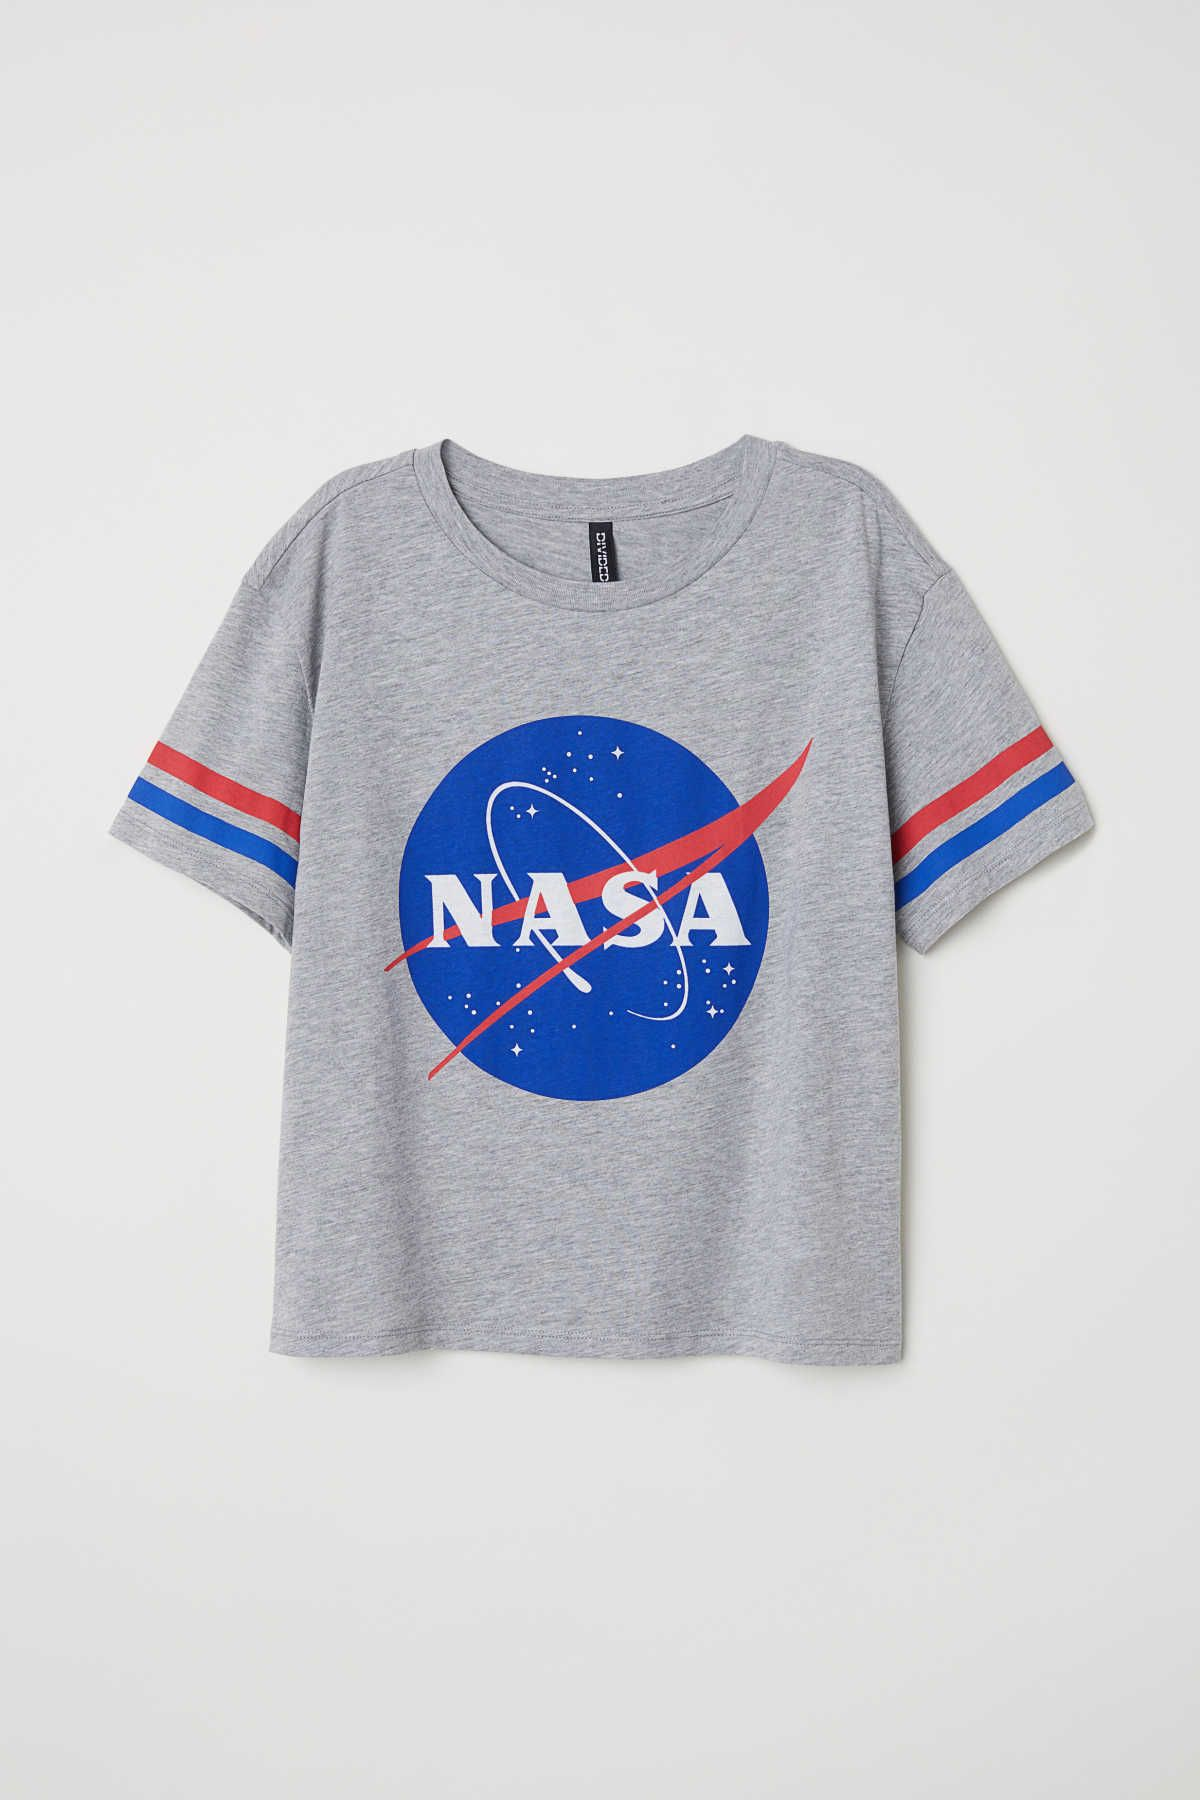 Gris jaspeado/NASA. Camiseta amplia en punto de algodón con estampado.